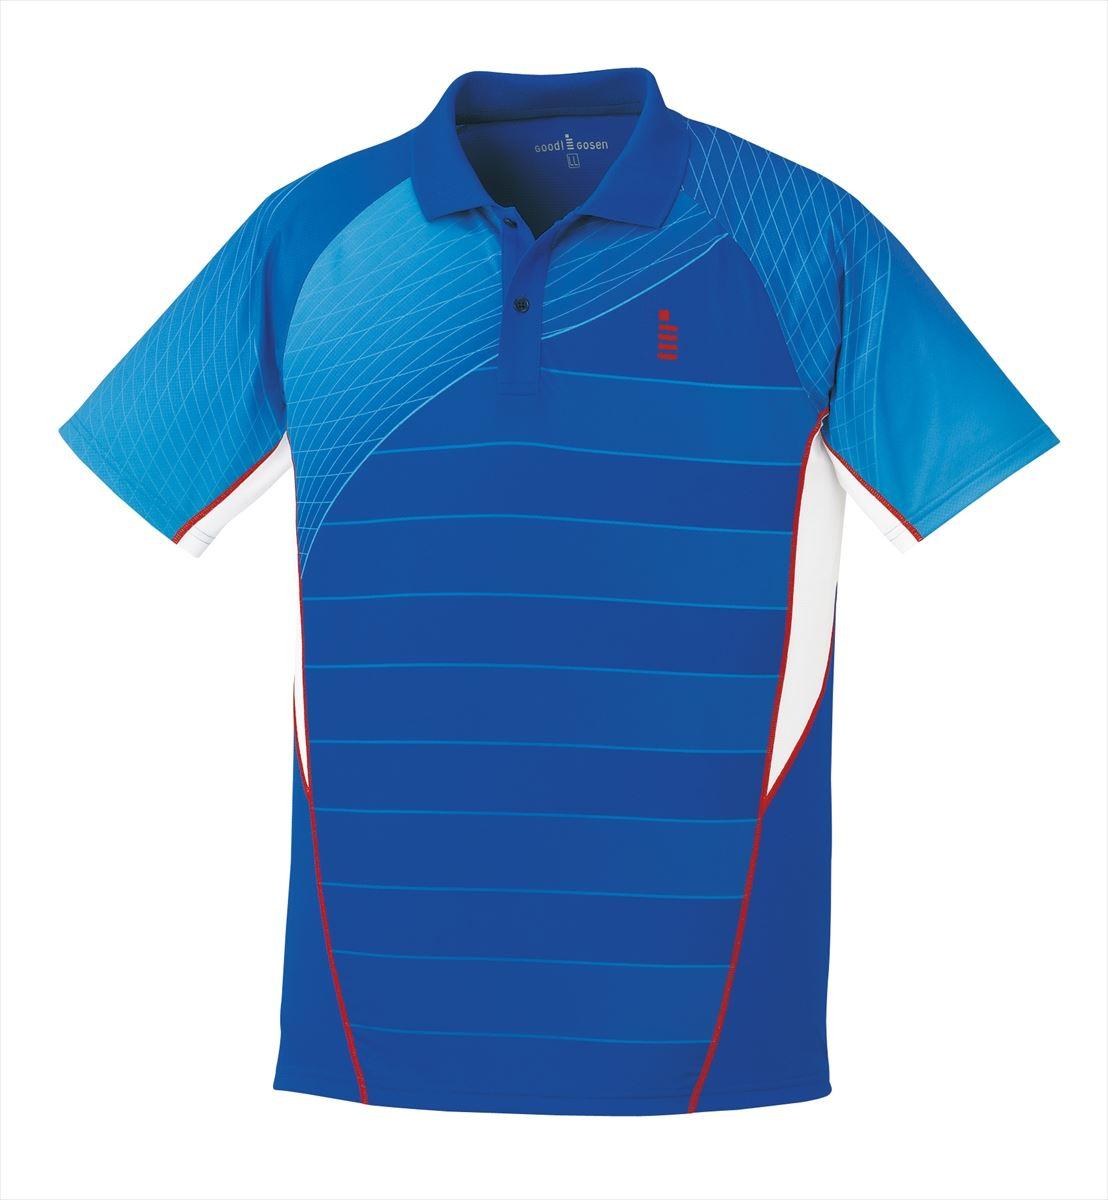 ゴーセン GOSEN T1700 テニス・バドミントン ウェア(メンズ/ユニ) ゲームシャツ ロイヤルブルー 17SS